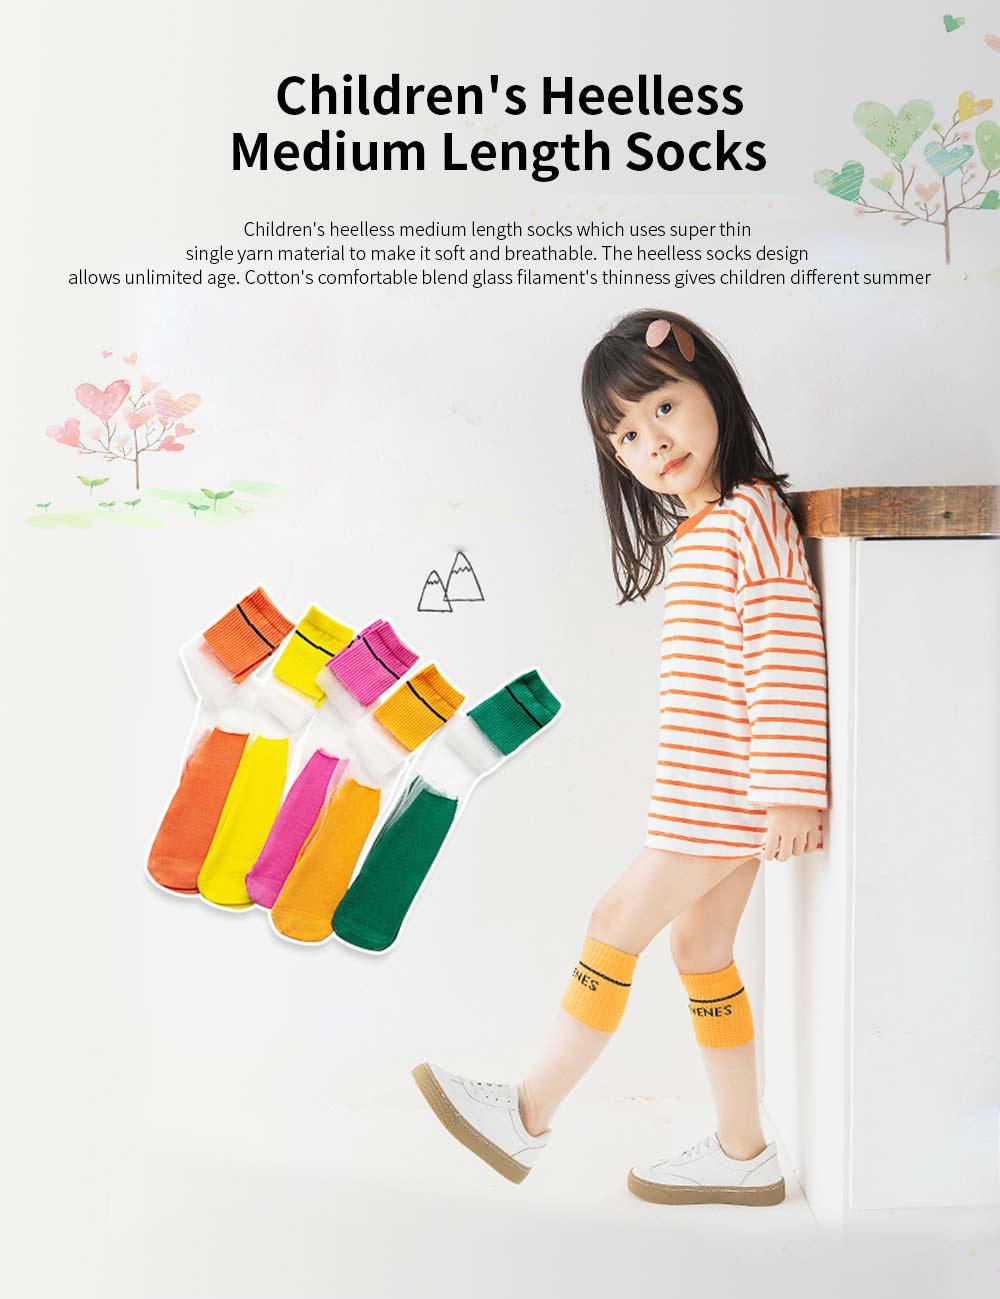 Children's Heelless Medium Length Socks Fashionable Thin Glass Silk Socks For Summer 0